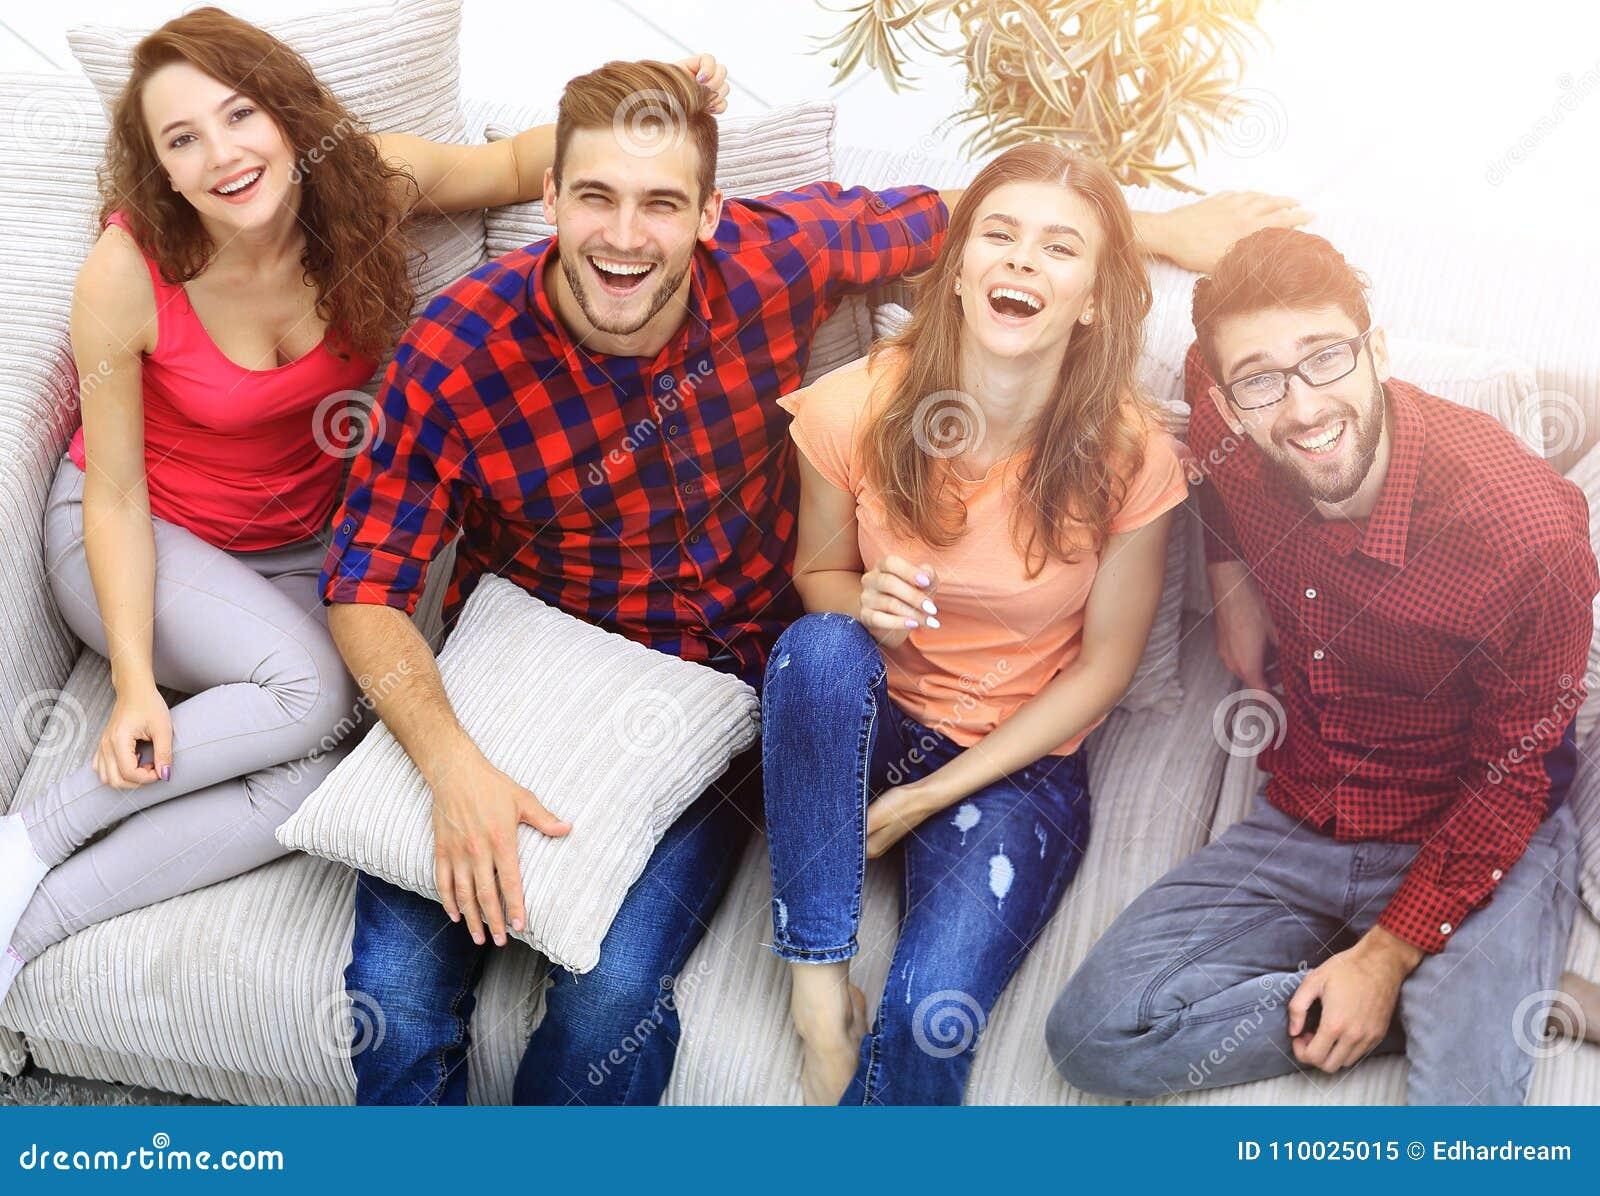 Vier gelukkige vrienden die terwijl het zitten op de laag lachen